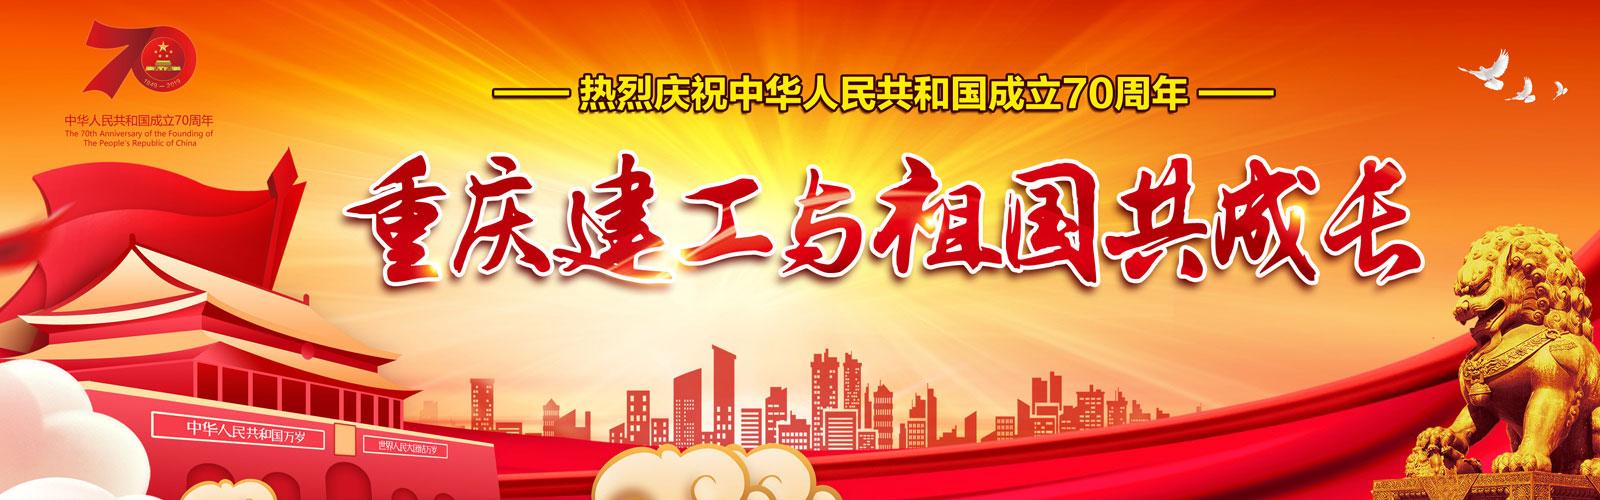 【视频】重庆必赢亚洲766net手机版建材物流《我和我的祖国》MV